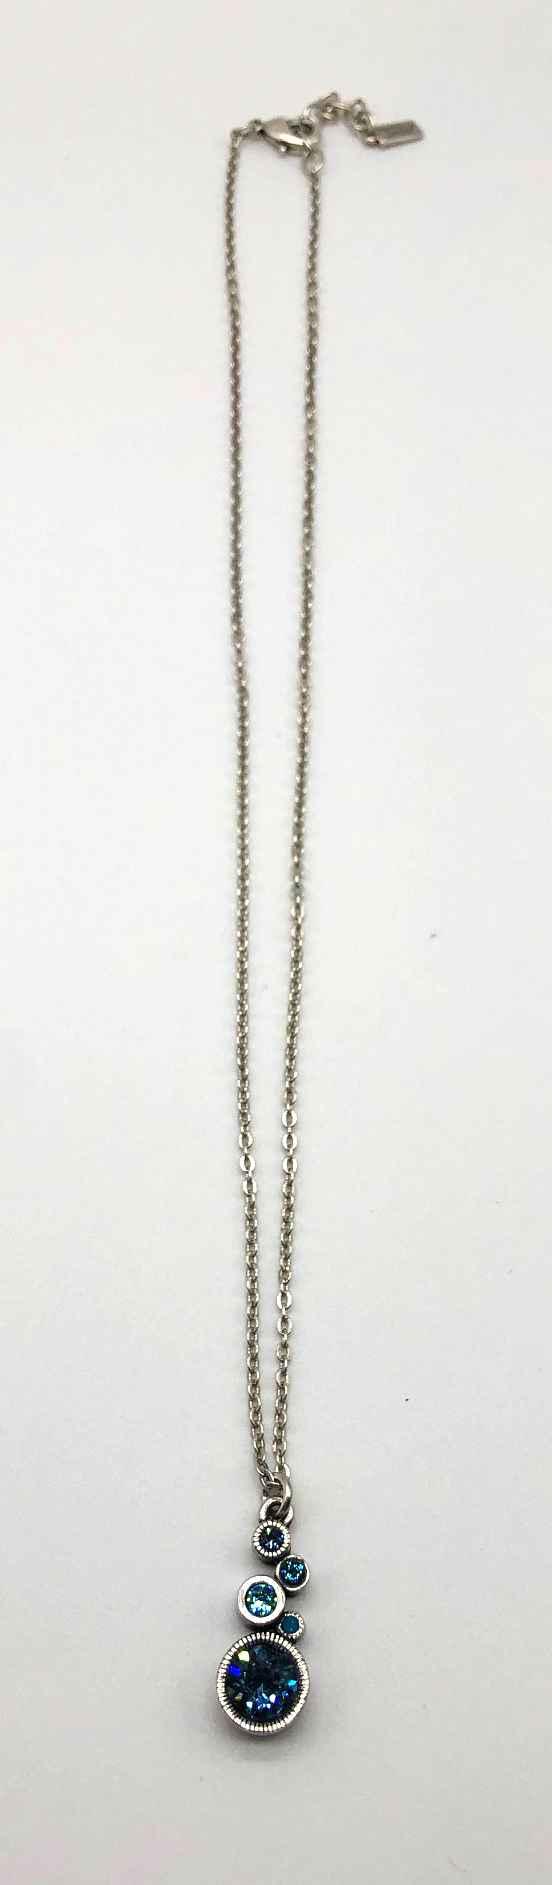 Encore Necklace in Silver, Bermuda